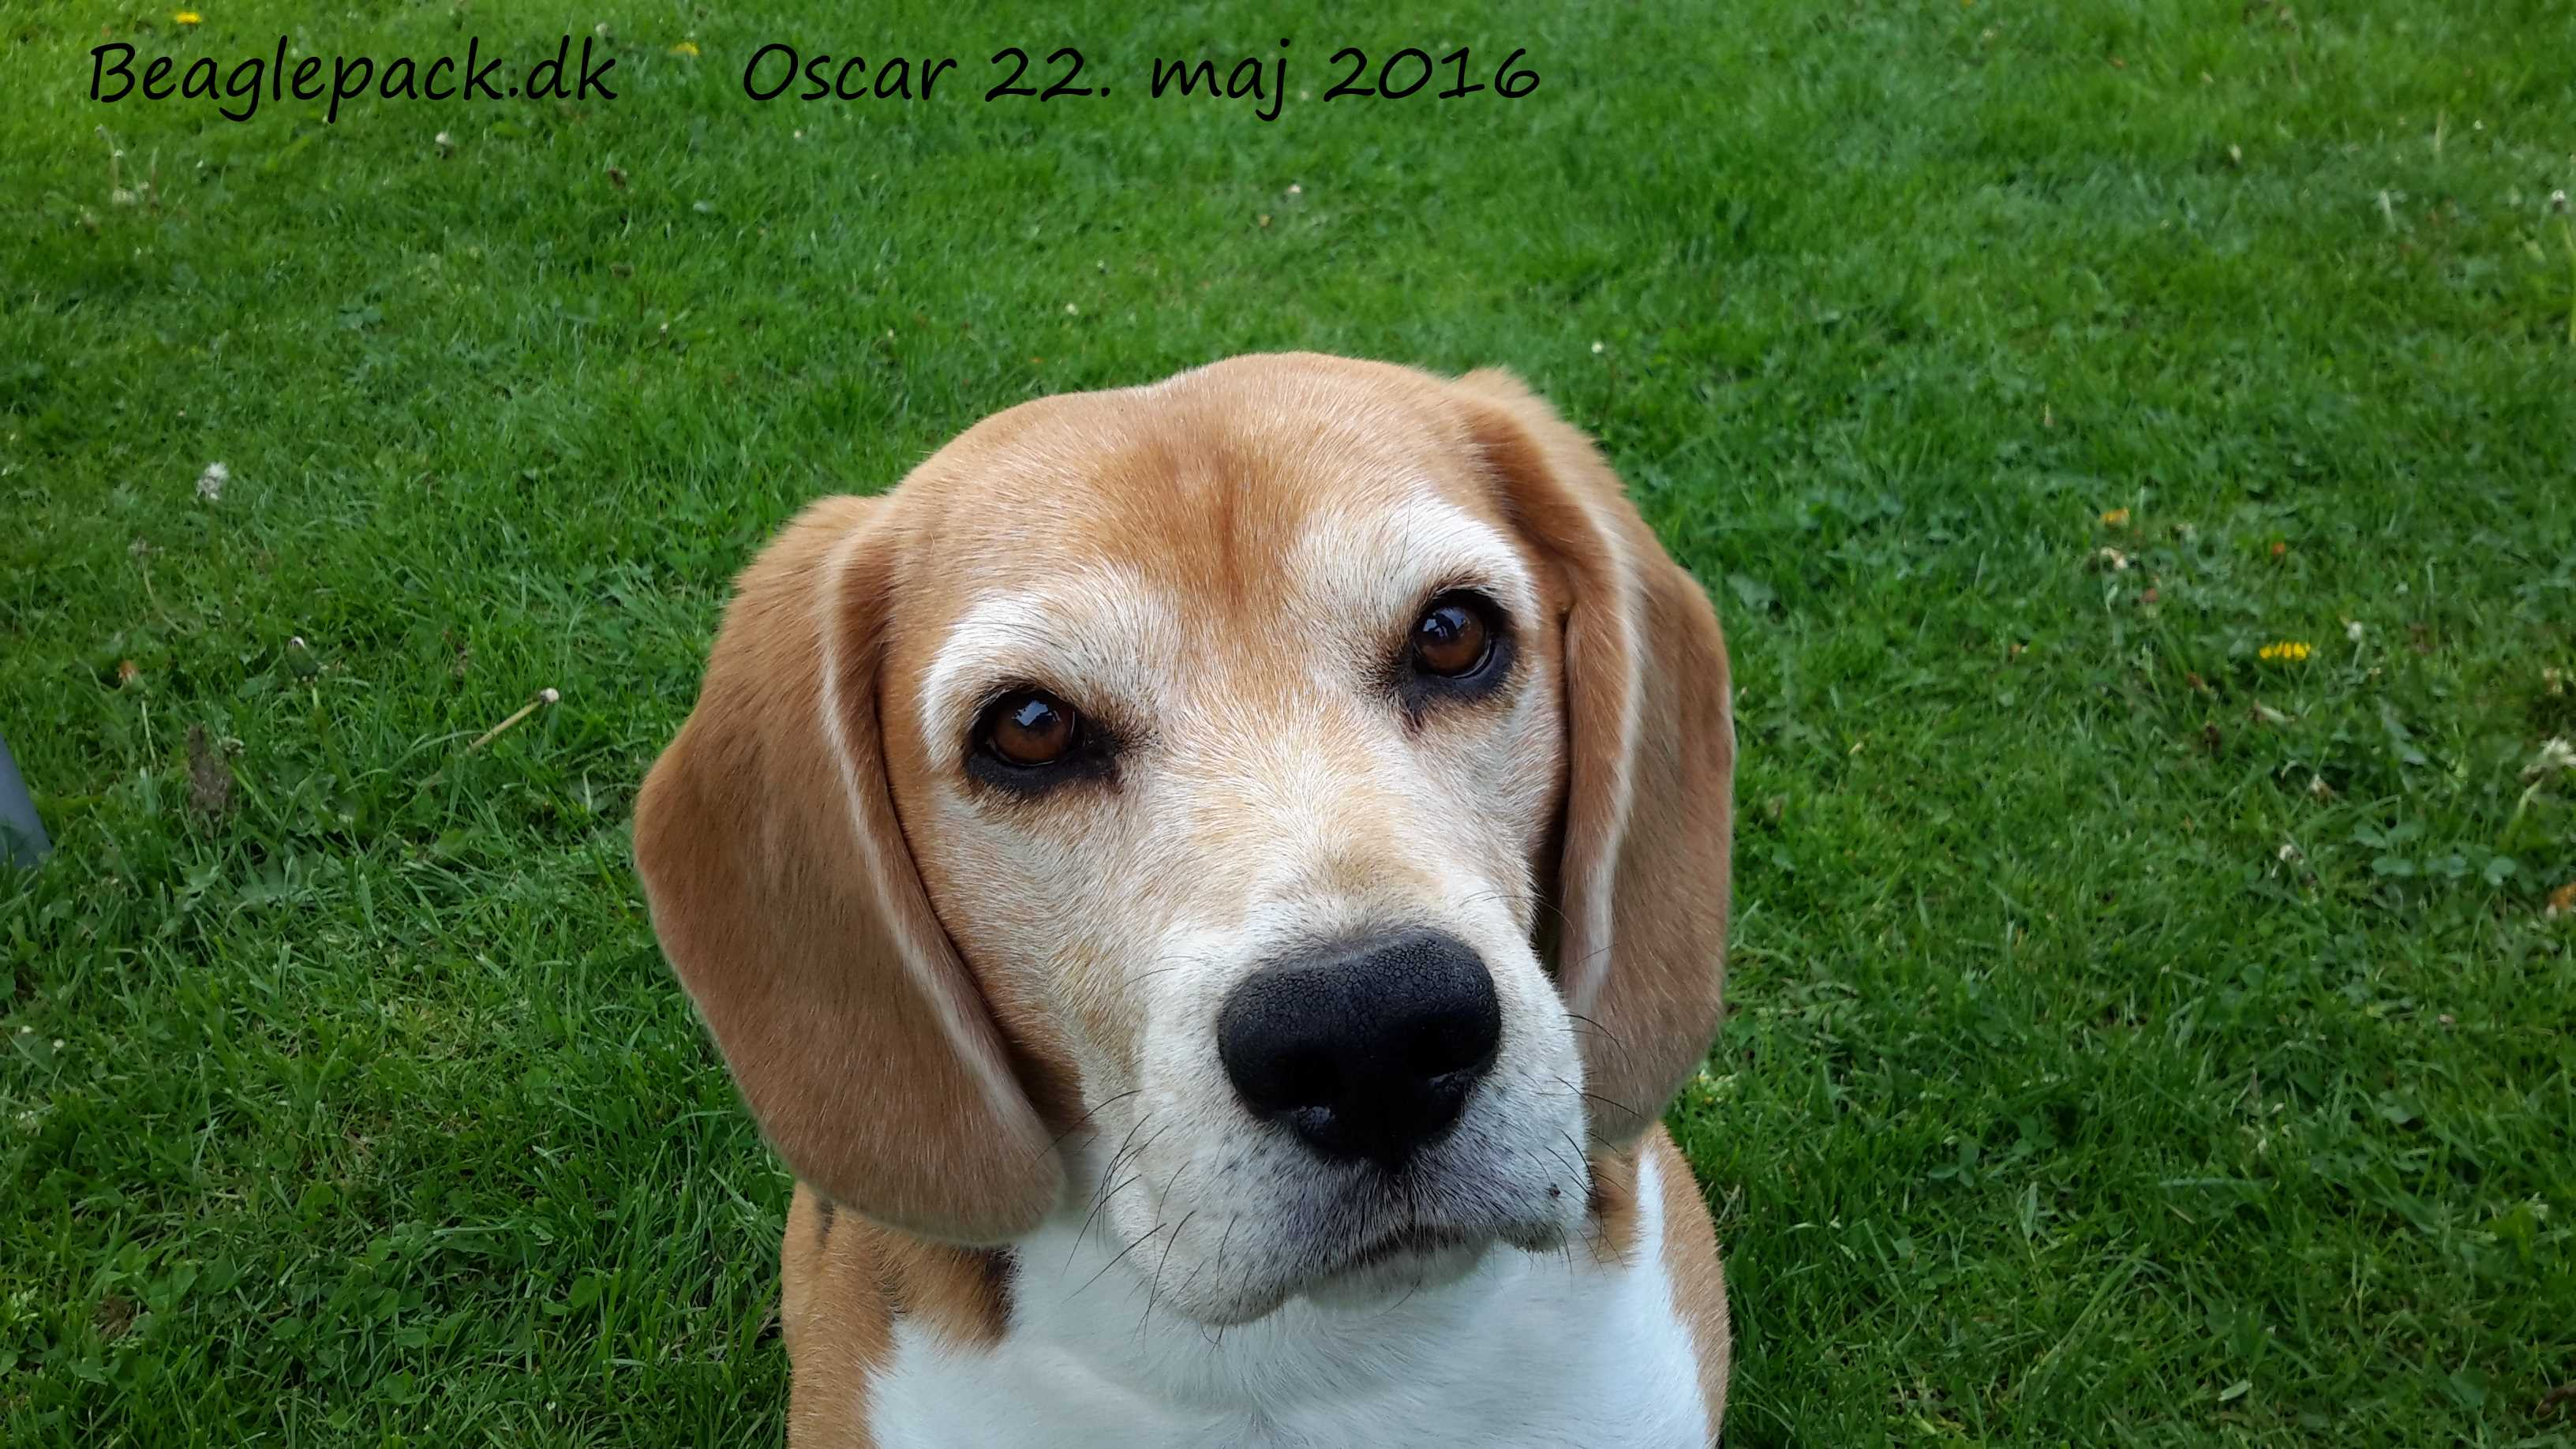 Oscar 22. maj 2016